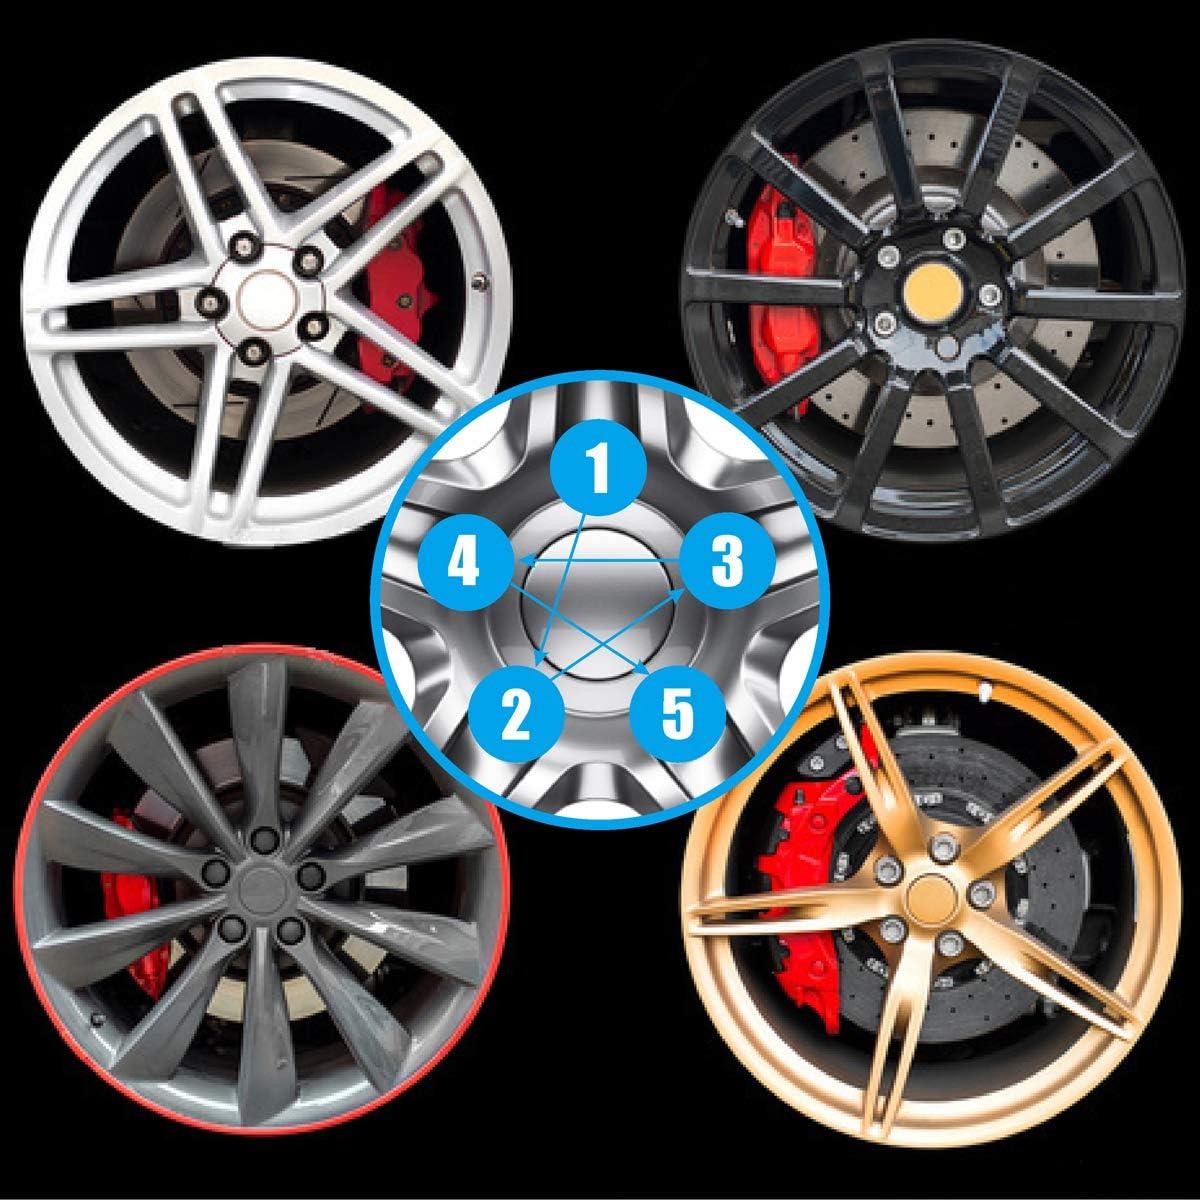 20 Black 12mmx1.5 Custom Luguts Conical 1.38 Tall 19mm 12-1.50 Steel for Honda Acura Toyota Lexus Scion Accord Camry Focus Sierra 5 Lug Tuner Rims dynofit M12x1.5 Wheel Lug Nuts Aftermarket